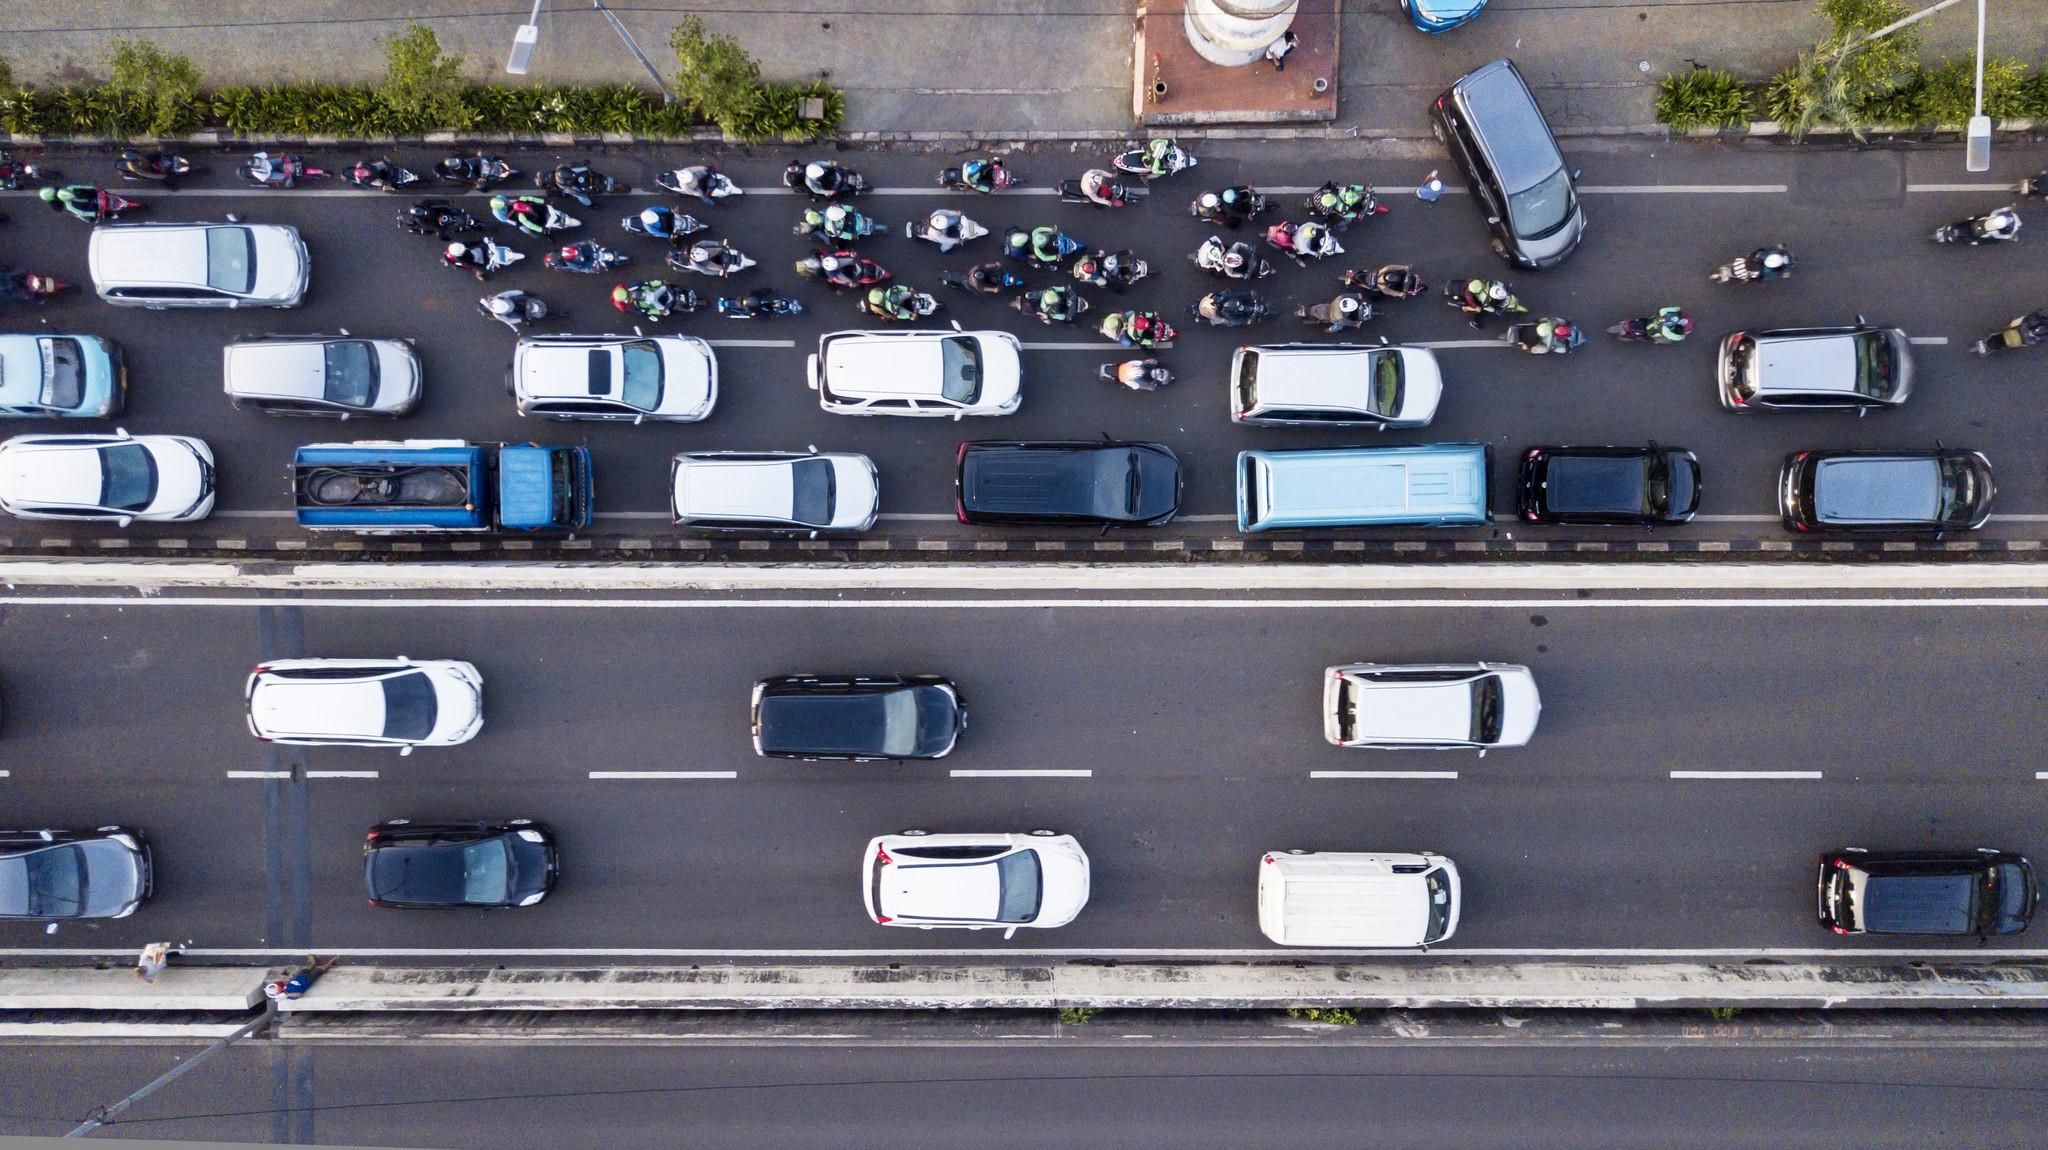 Normativa Euro 4 sobre la limitación de motocicletas: todo lo que tienes que saber